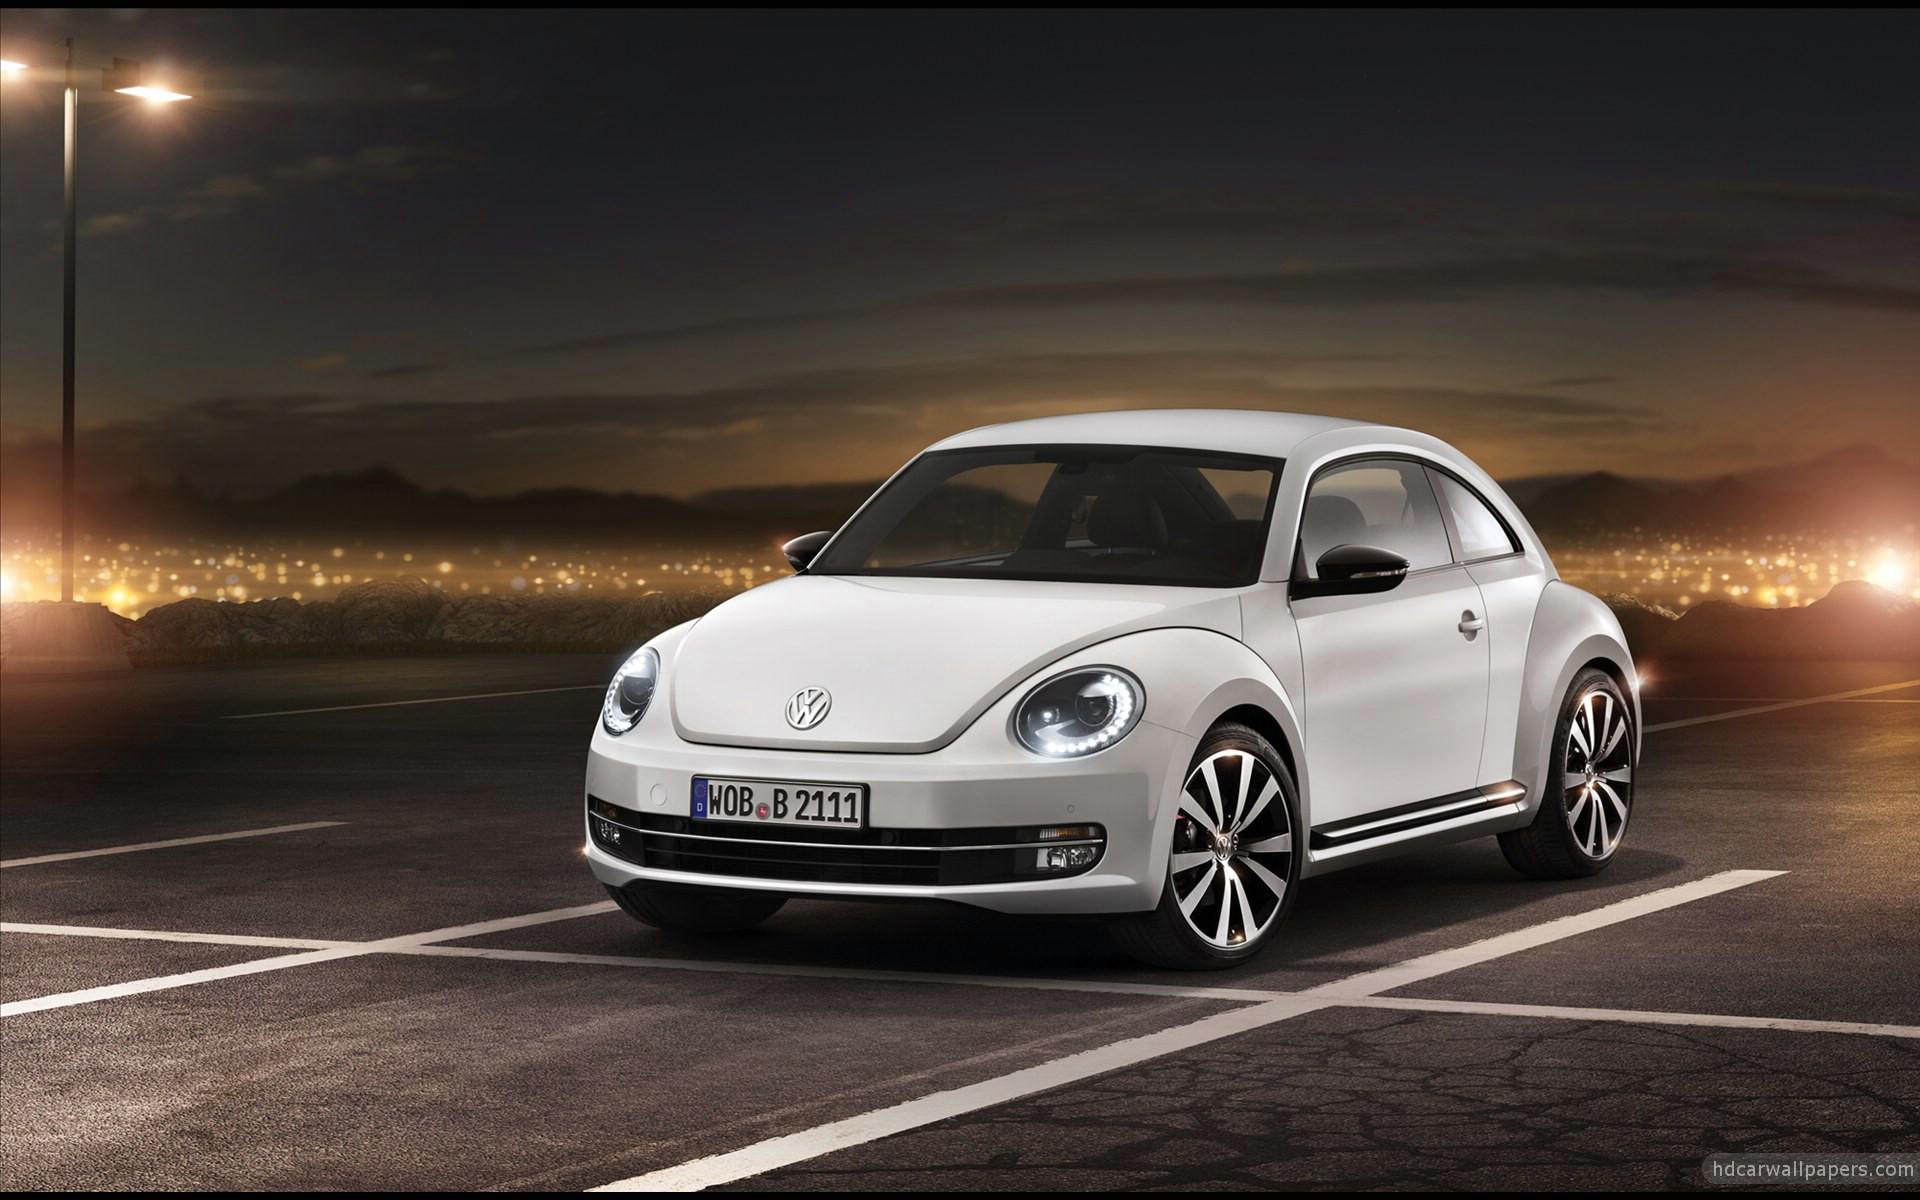 2012 Volkswagen Beetle Wallpaper HD Car Wallpapers 1920x1200